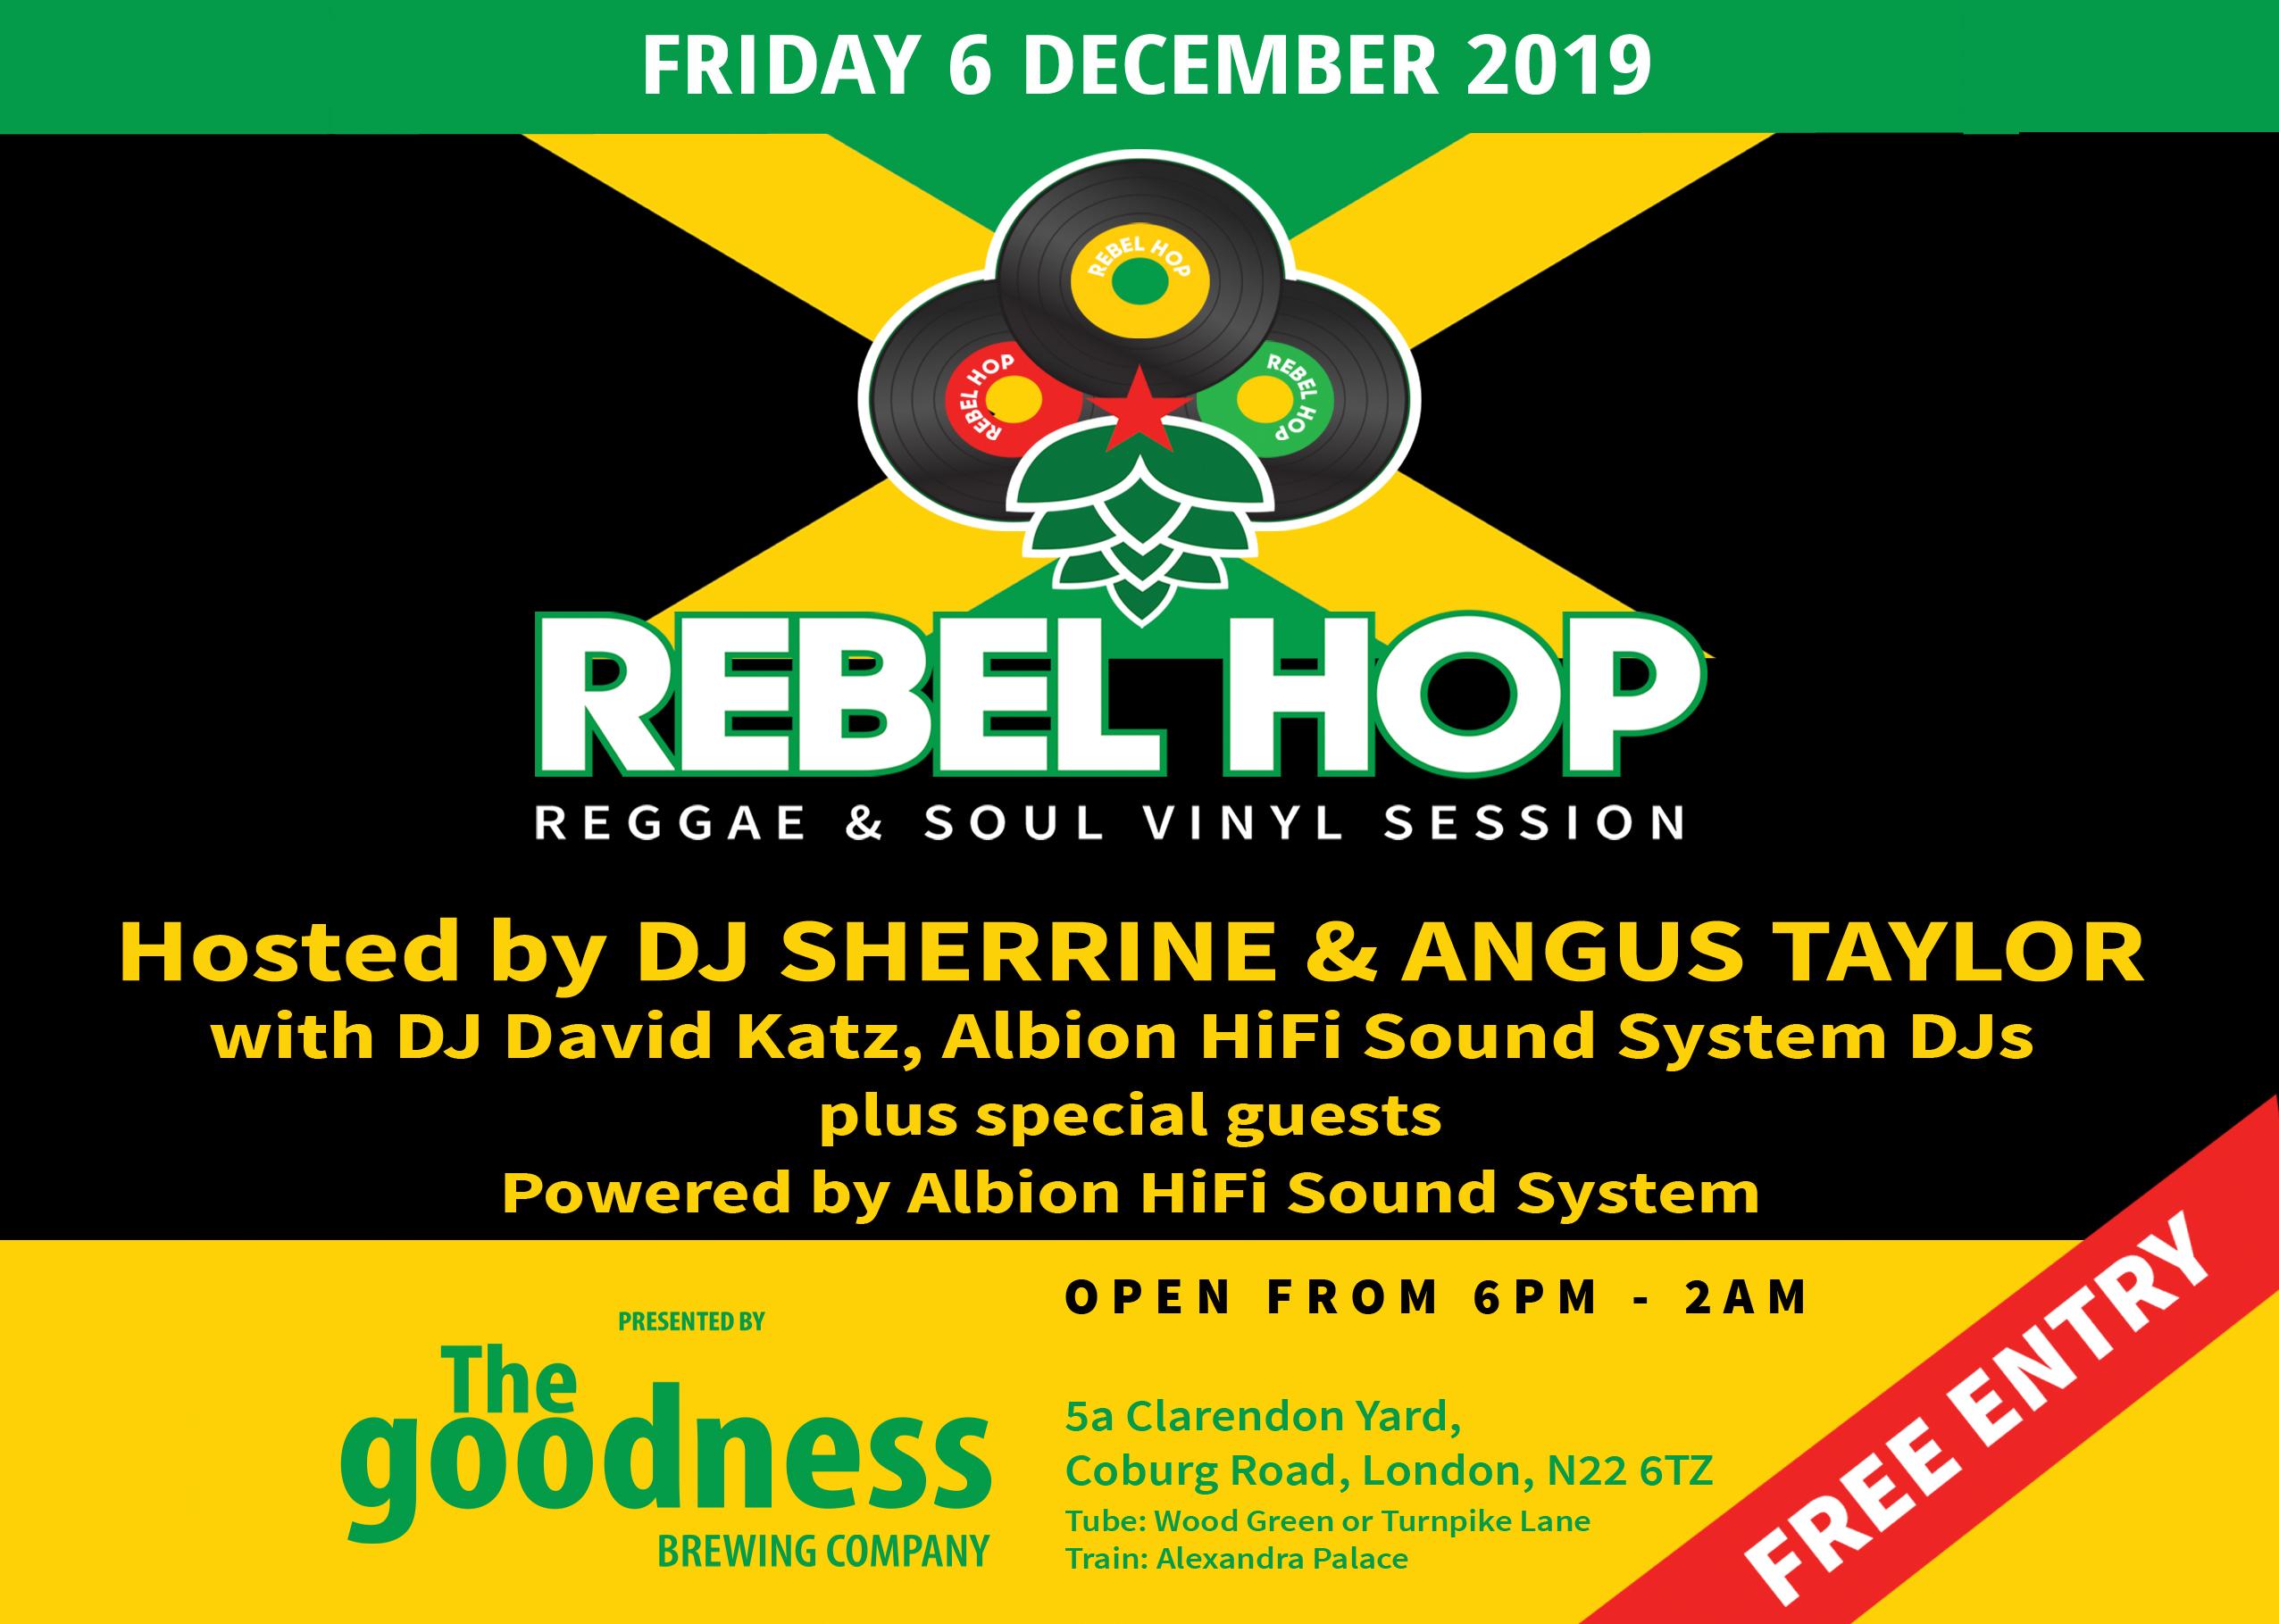 Rebel Hop 6 December landscape promo